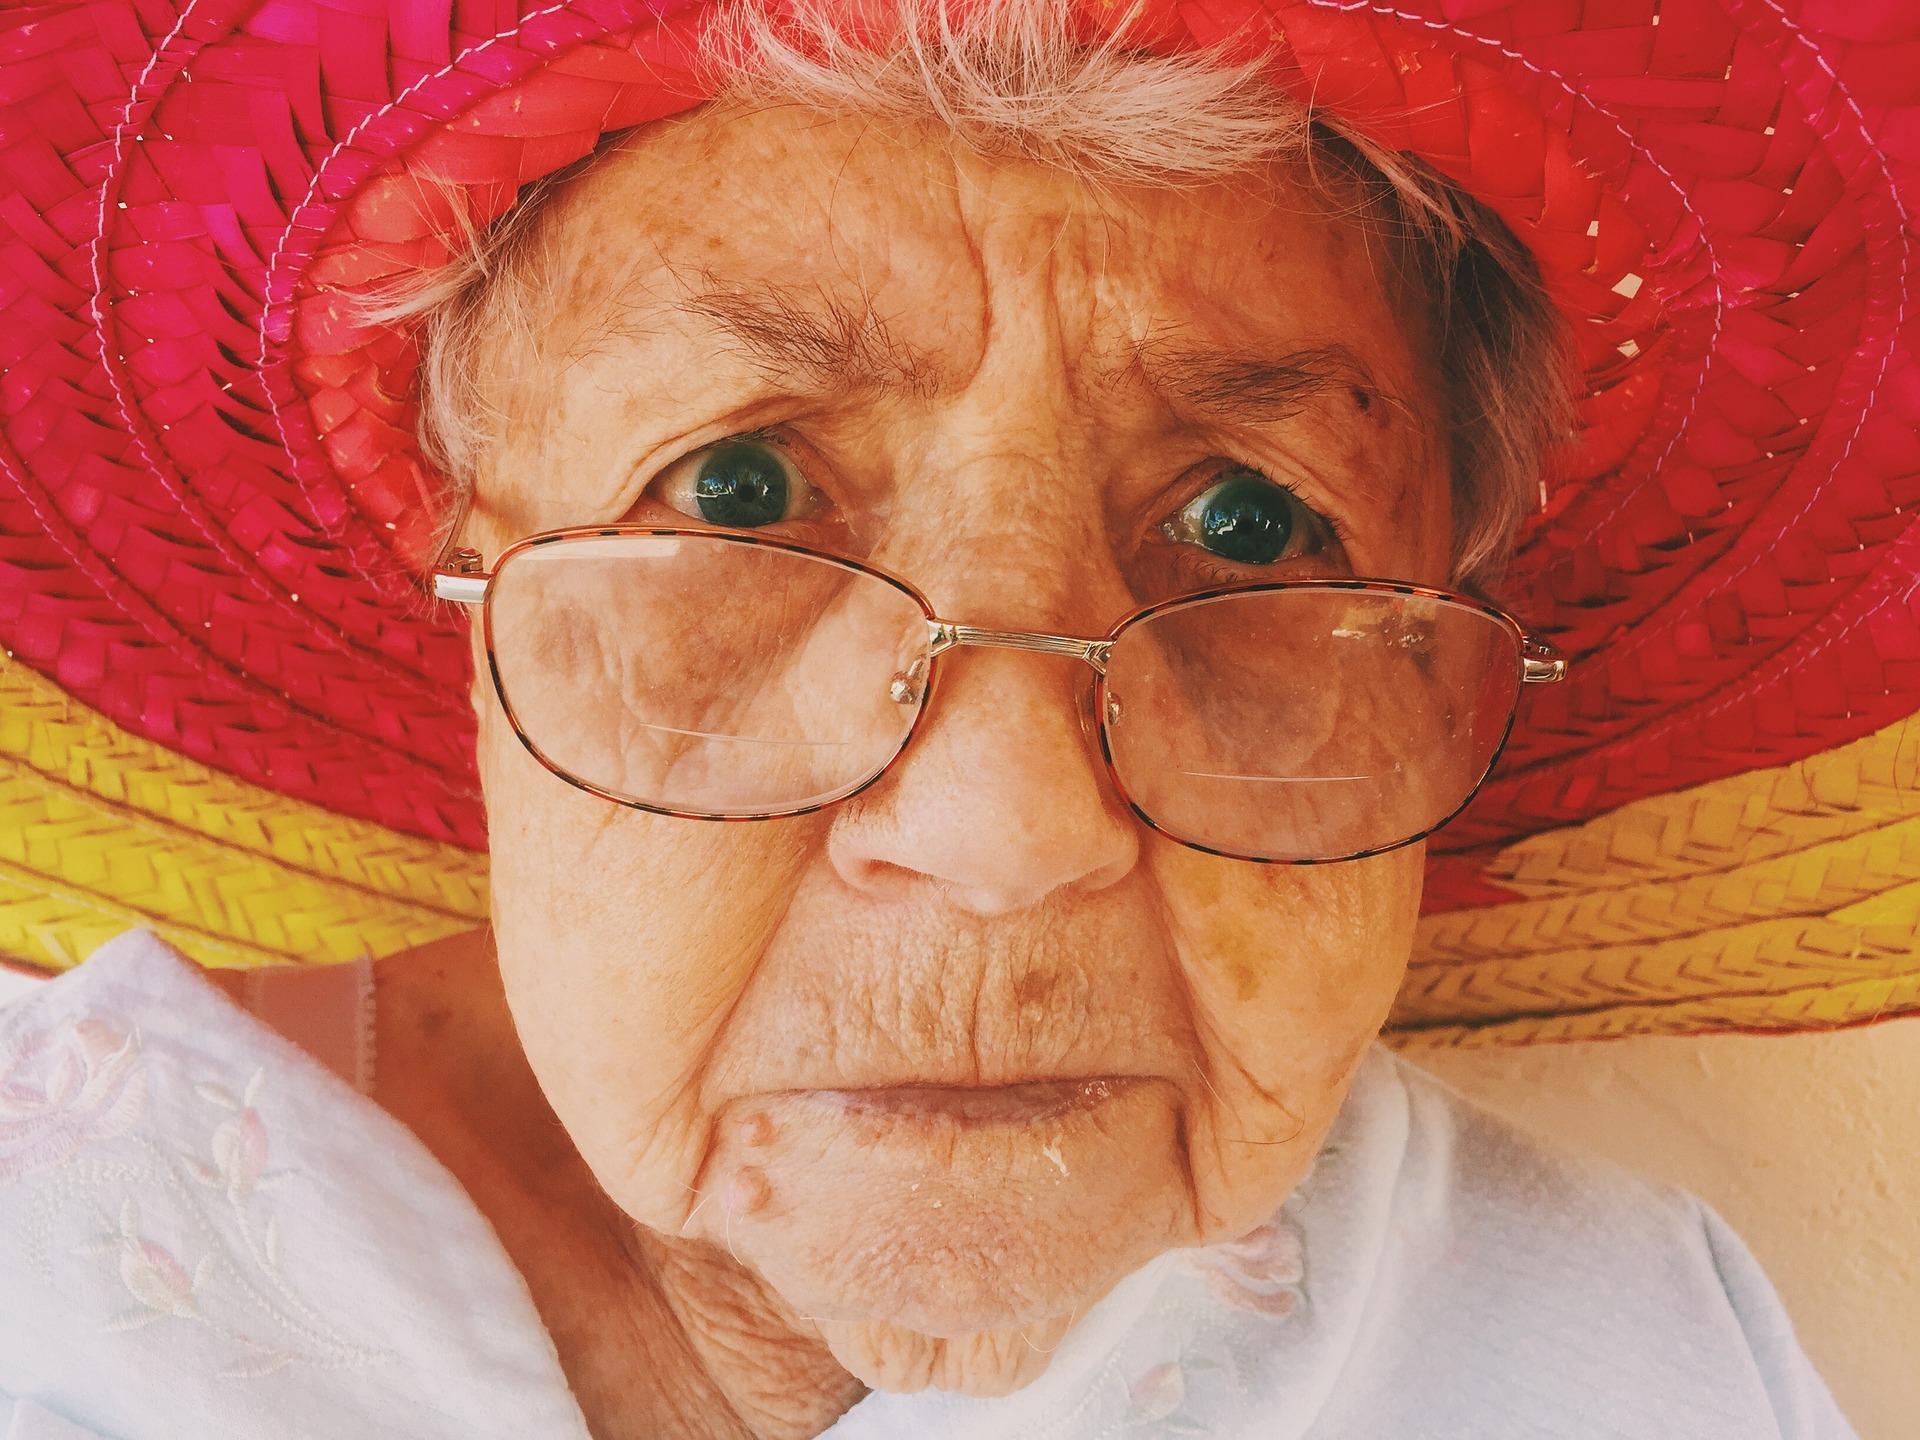 Dupla előny az idősek foglalkoztatása